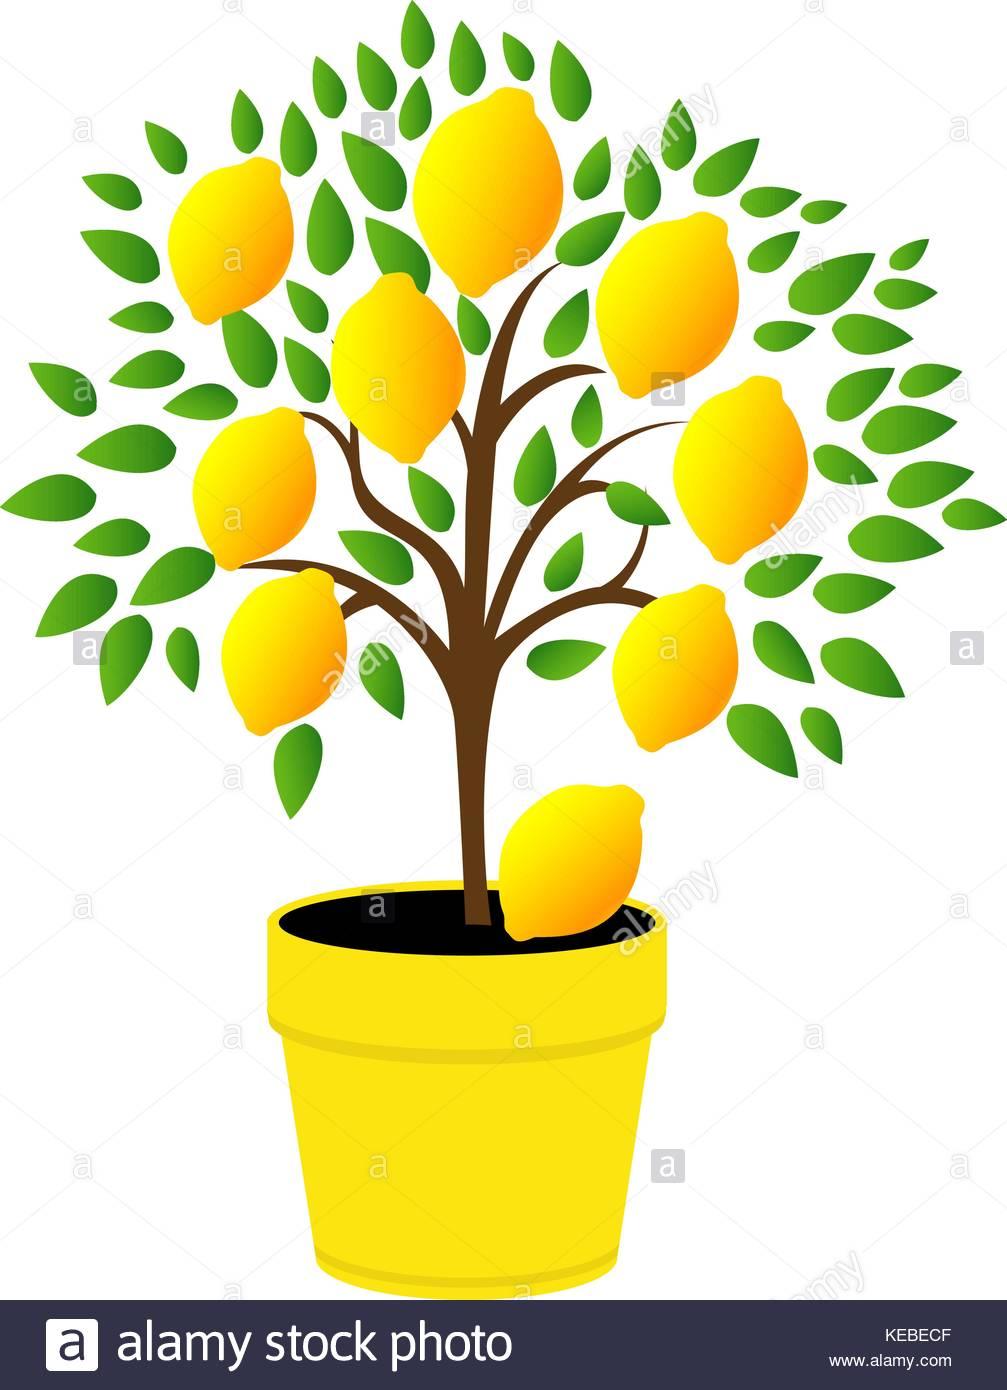 1007x1390 Lemon Tree Leaves Stock Vector Images